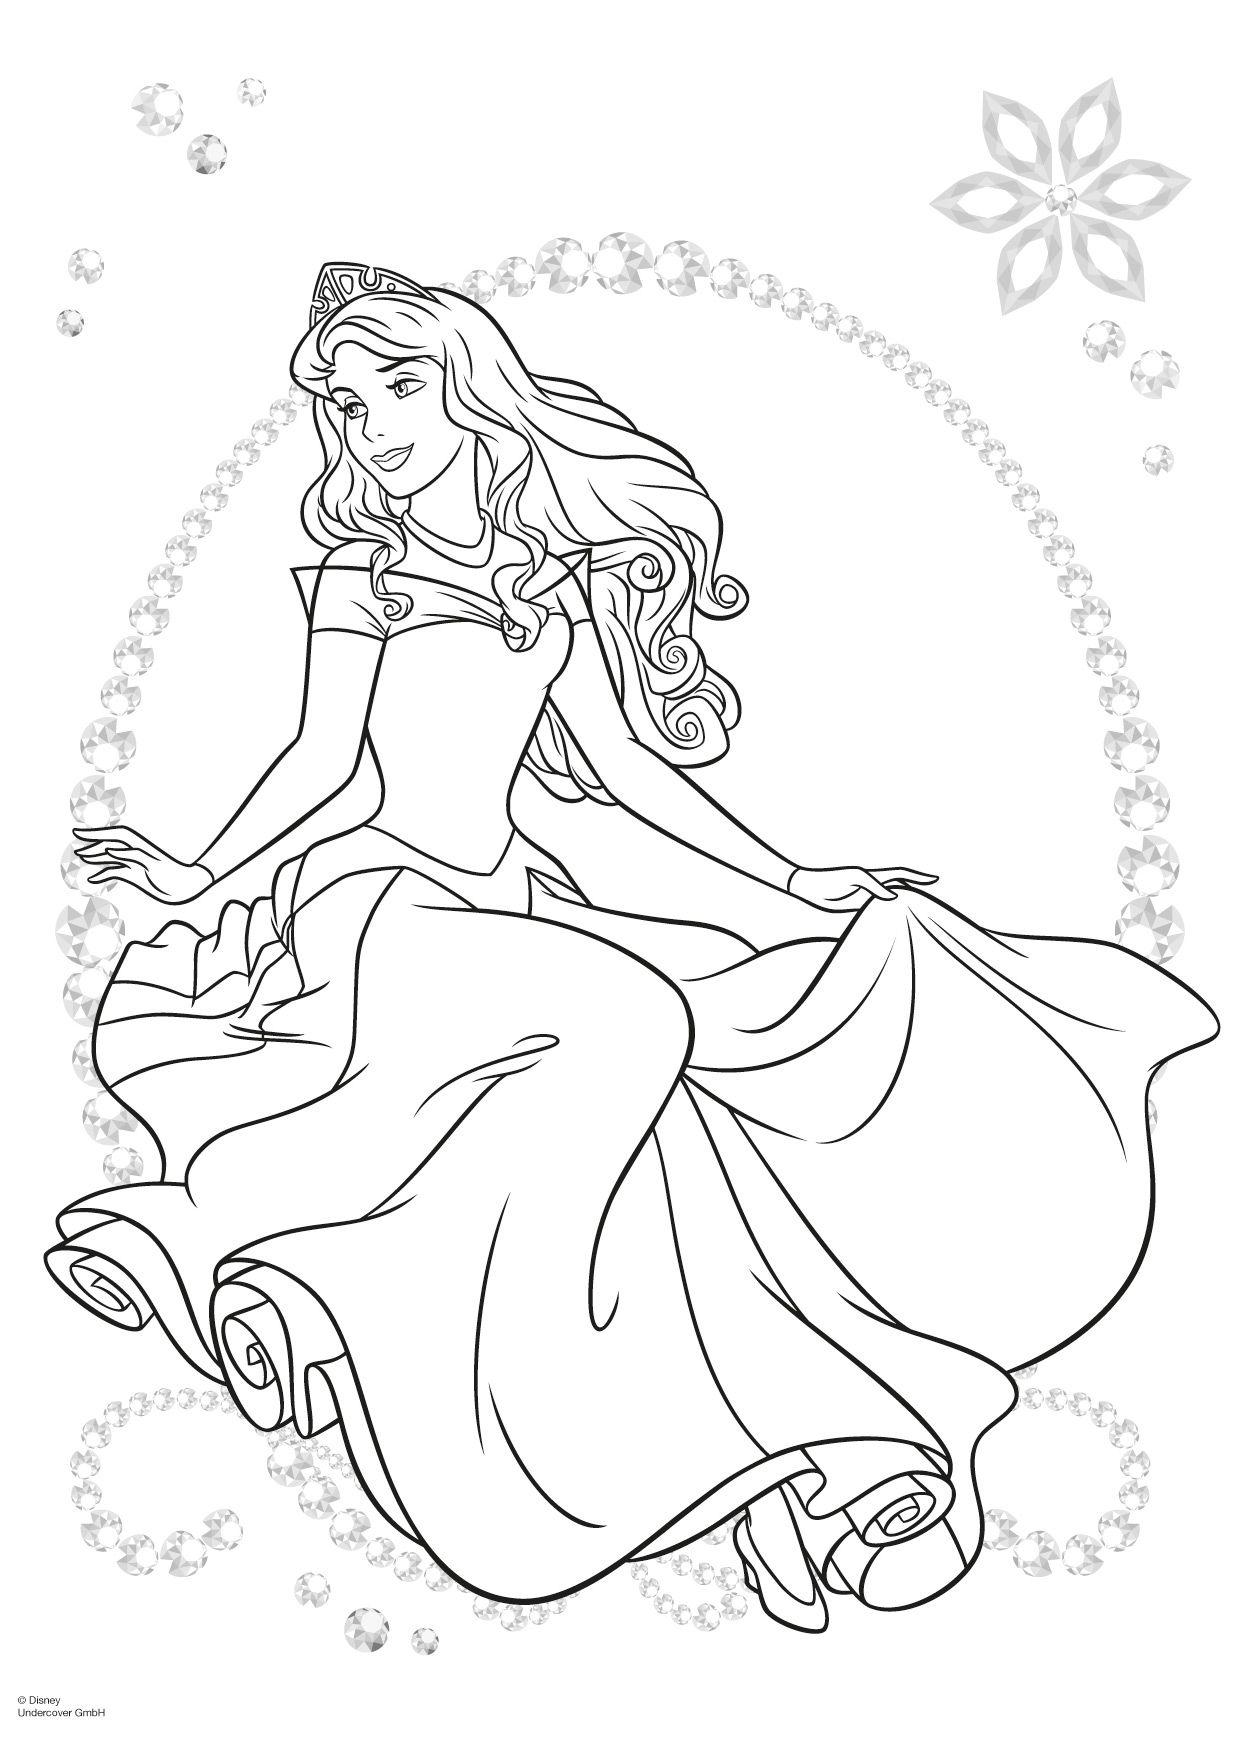 Dornröschen Disney Aurora Ausmalbilder : Dpfi Poster 12 Jpg 1240 1754 Colorings Pinterest Selbstgemachtes